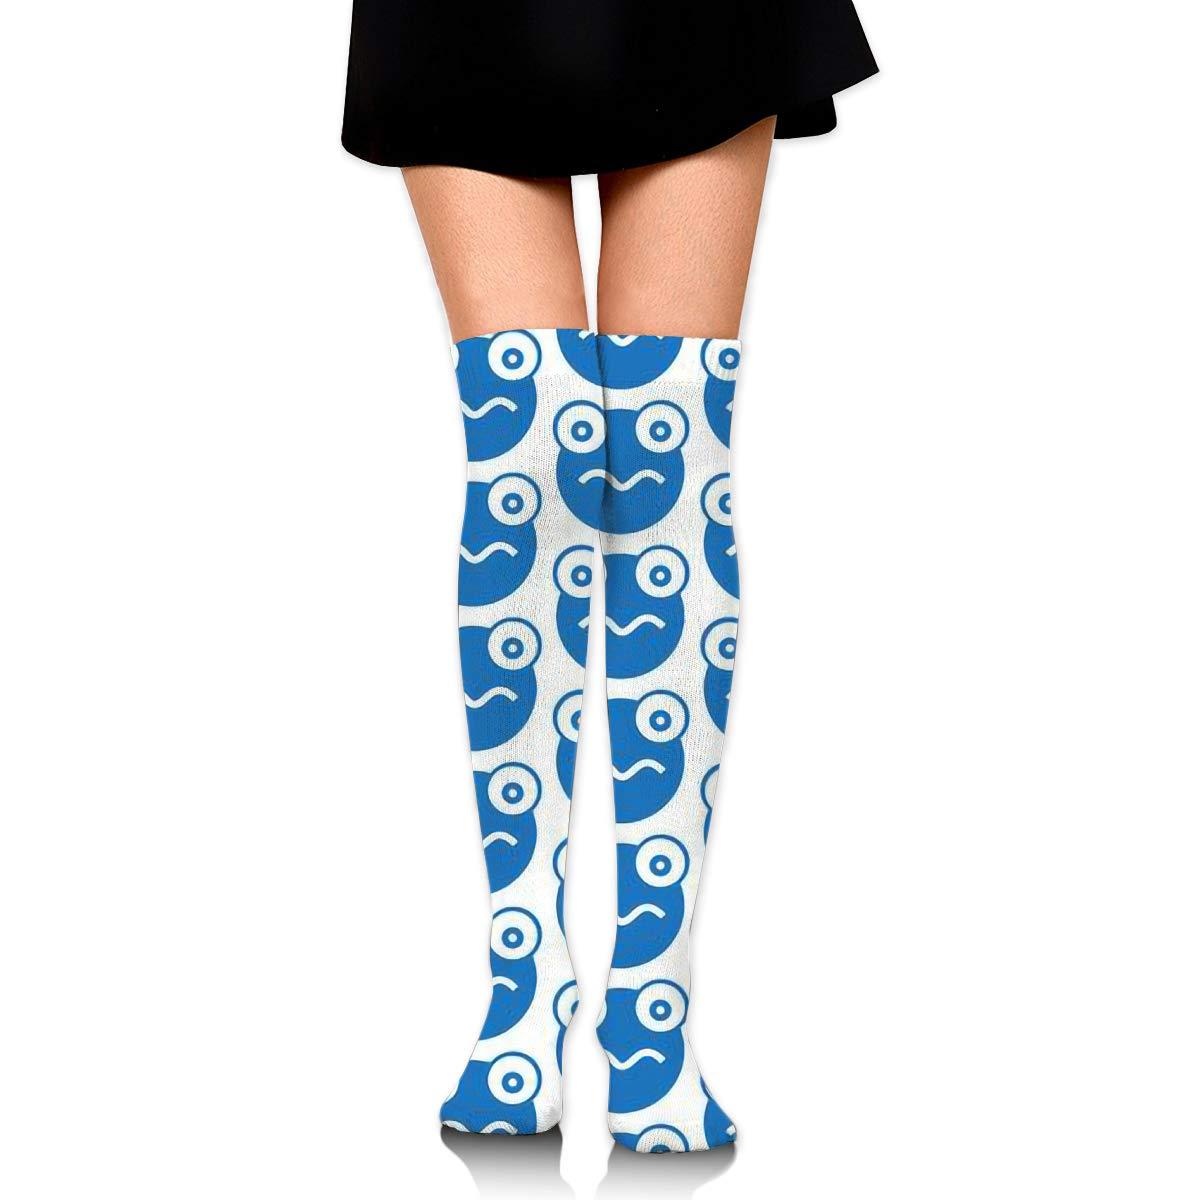 Frog Pattern Long Socks For Women 2 Pairs Best For Athletic Womens Knee High Socks